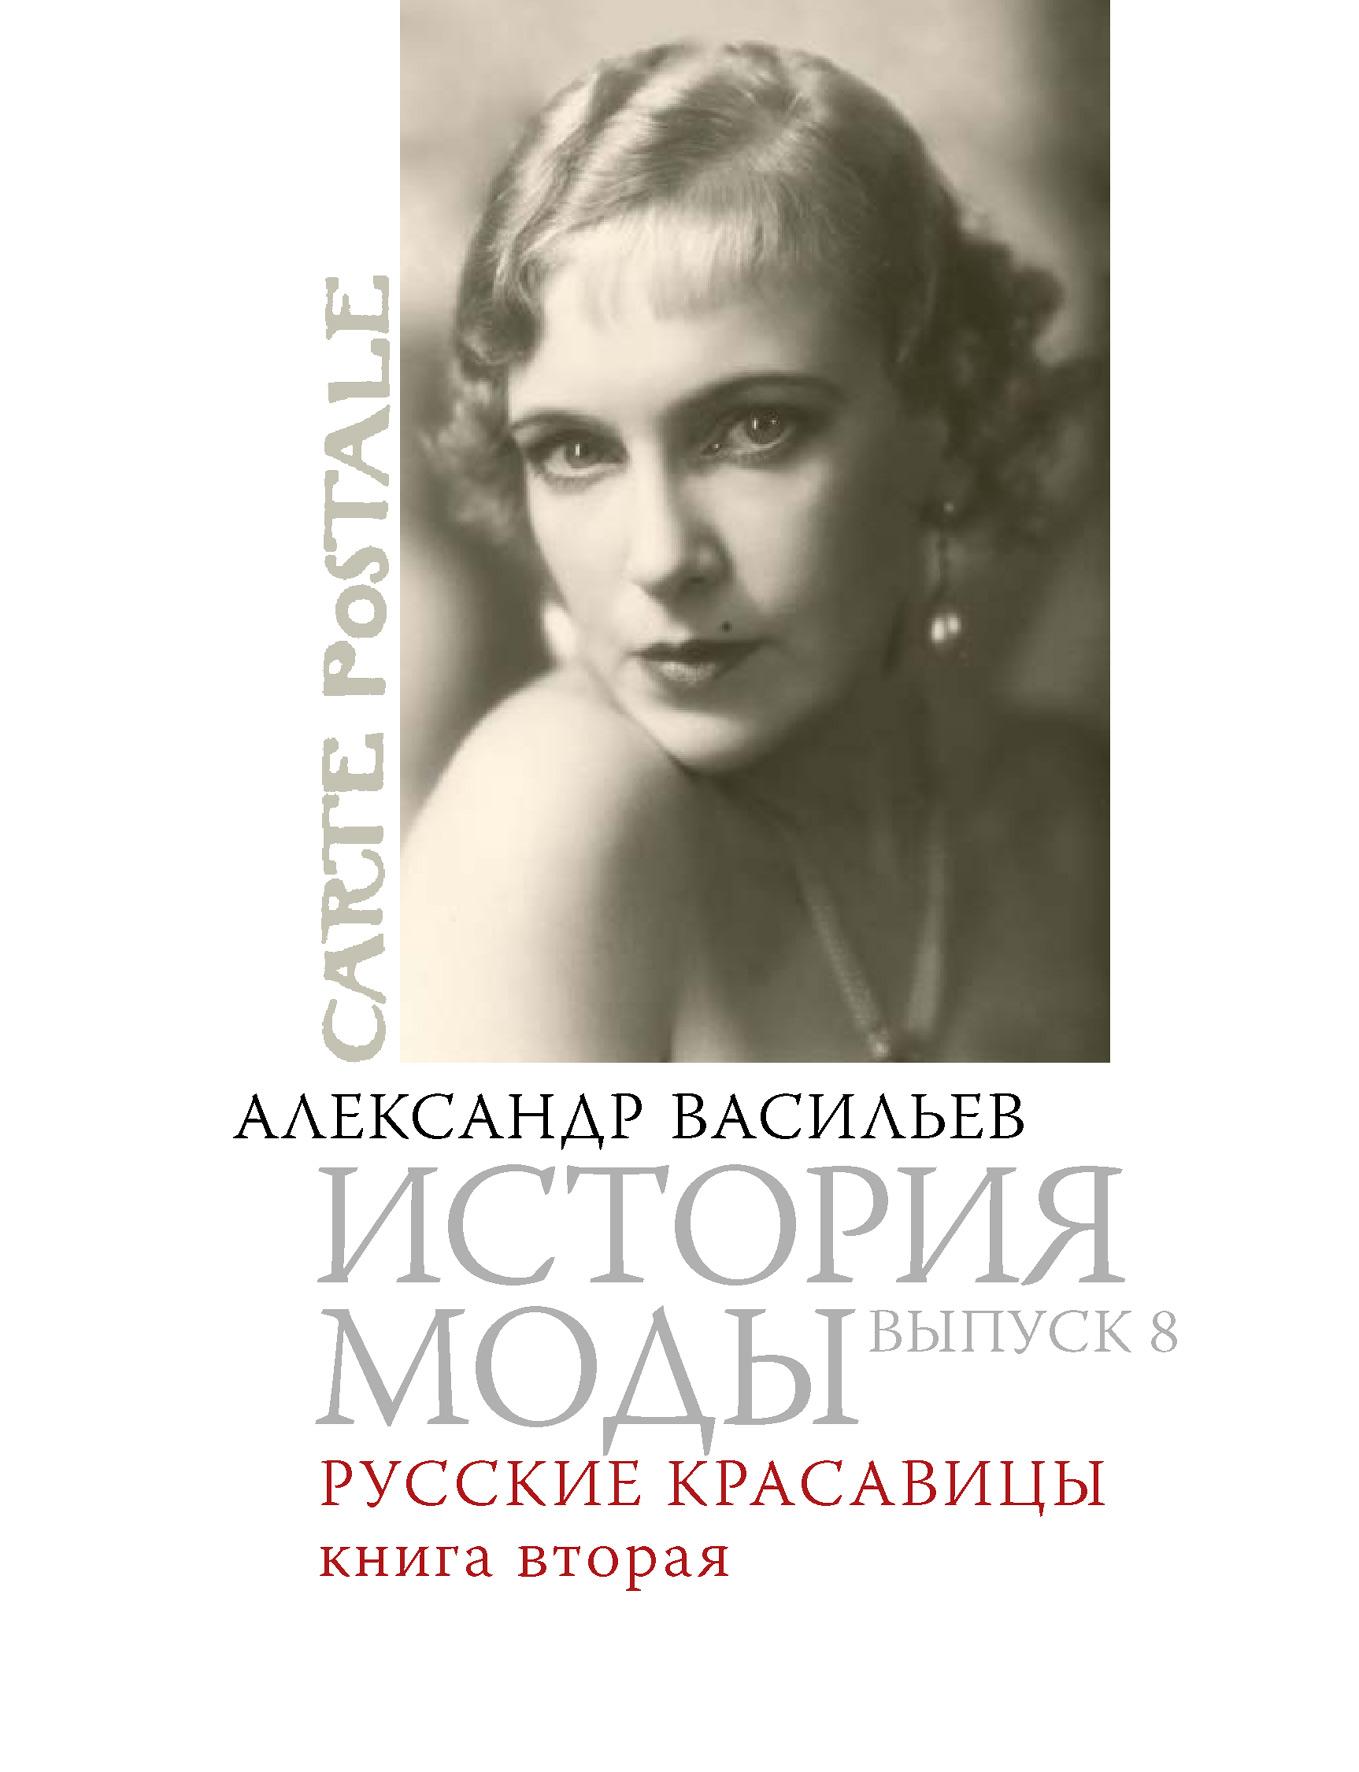 Русские красавицы. Книга вторая